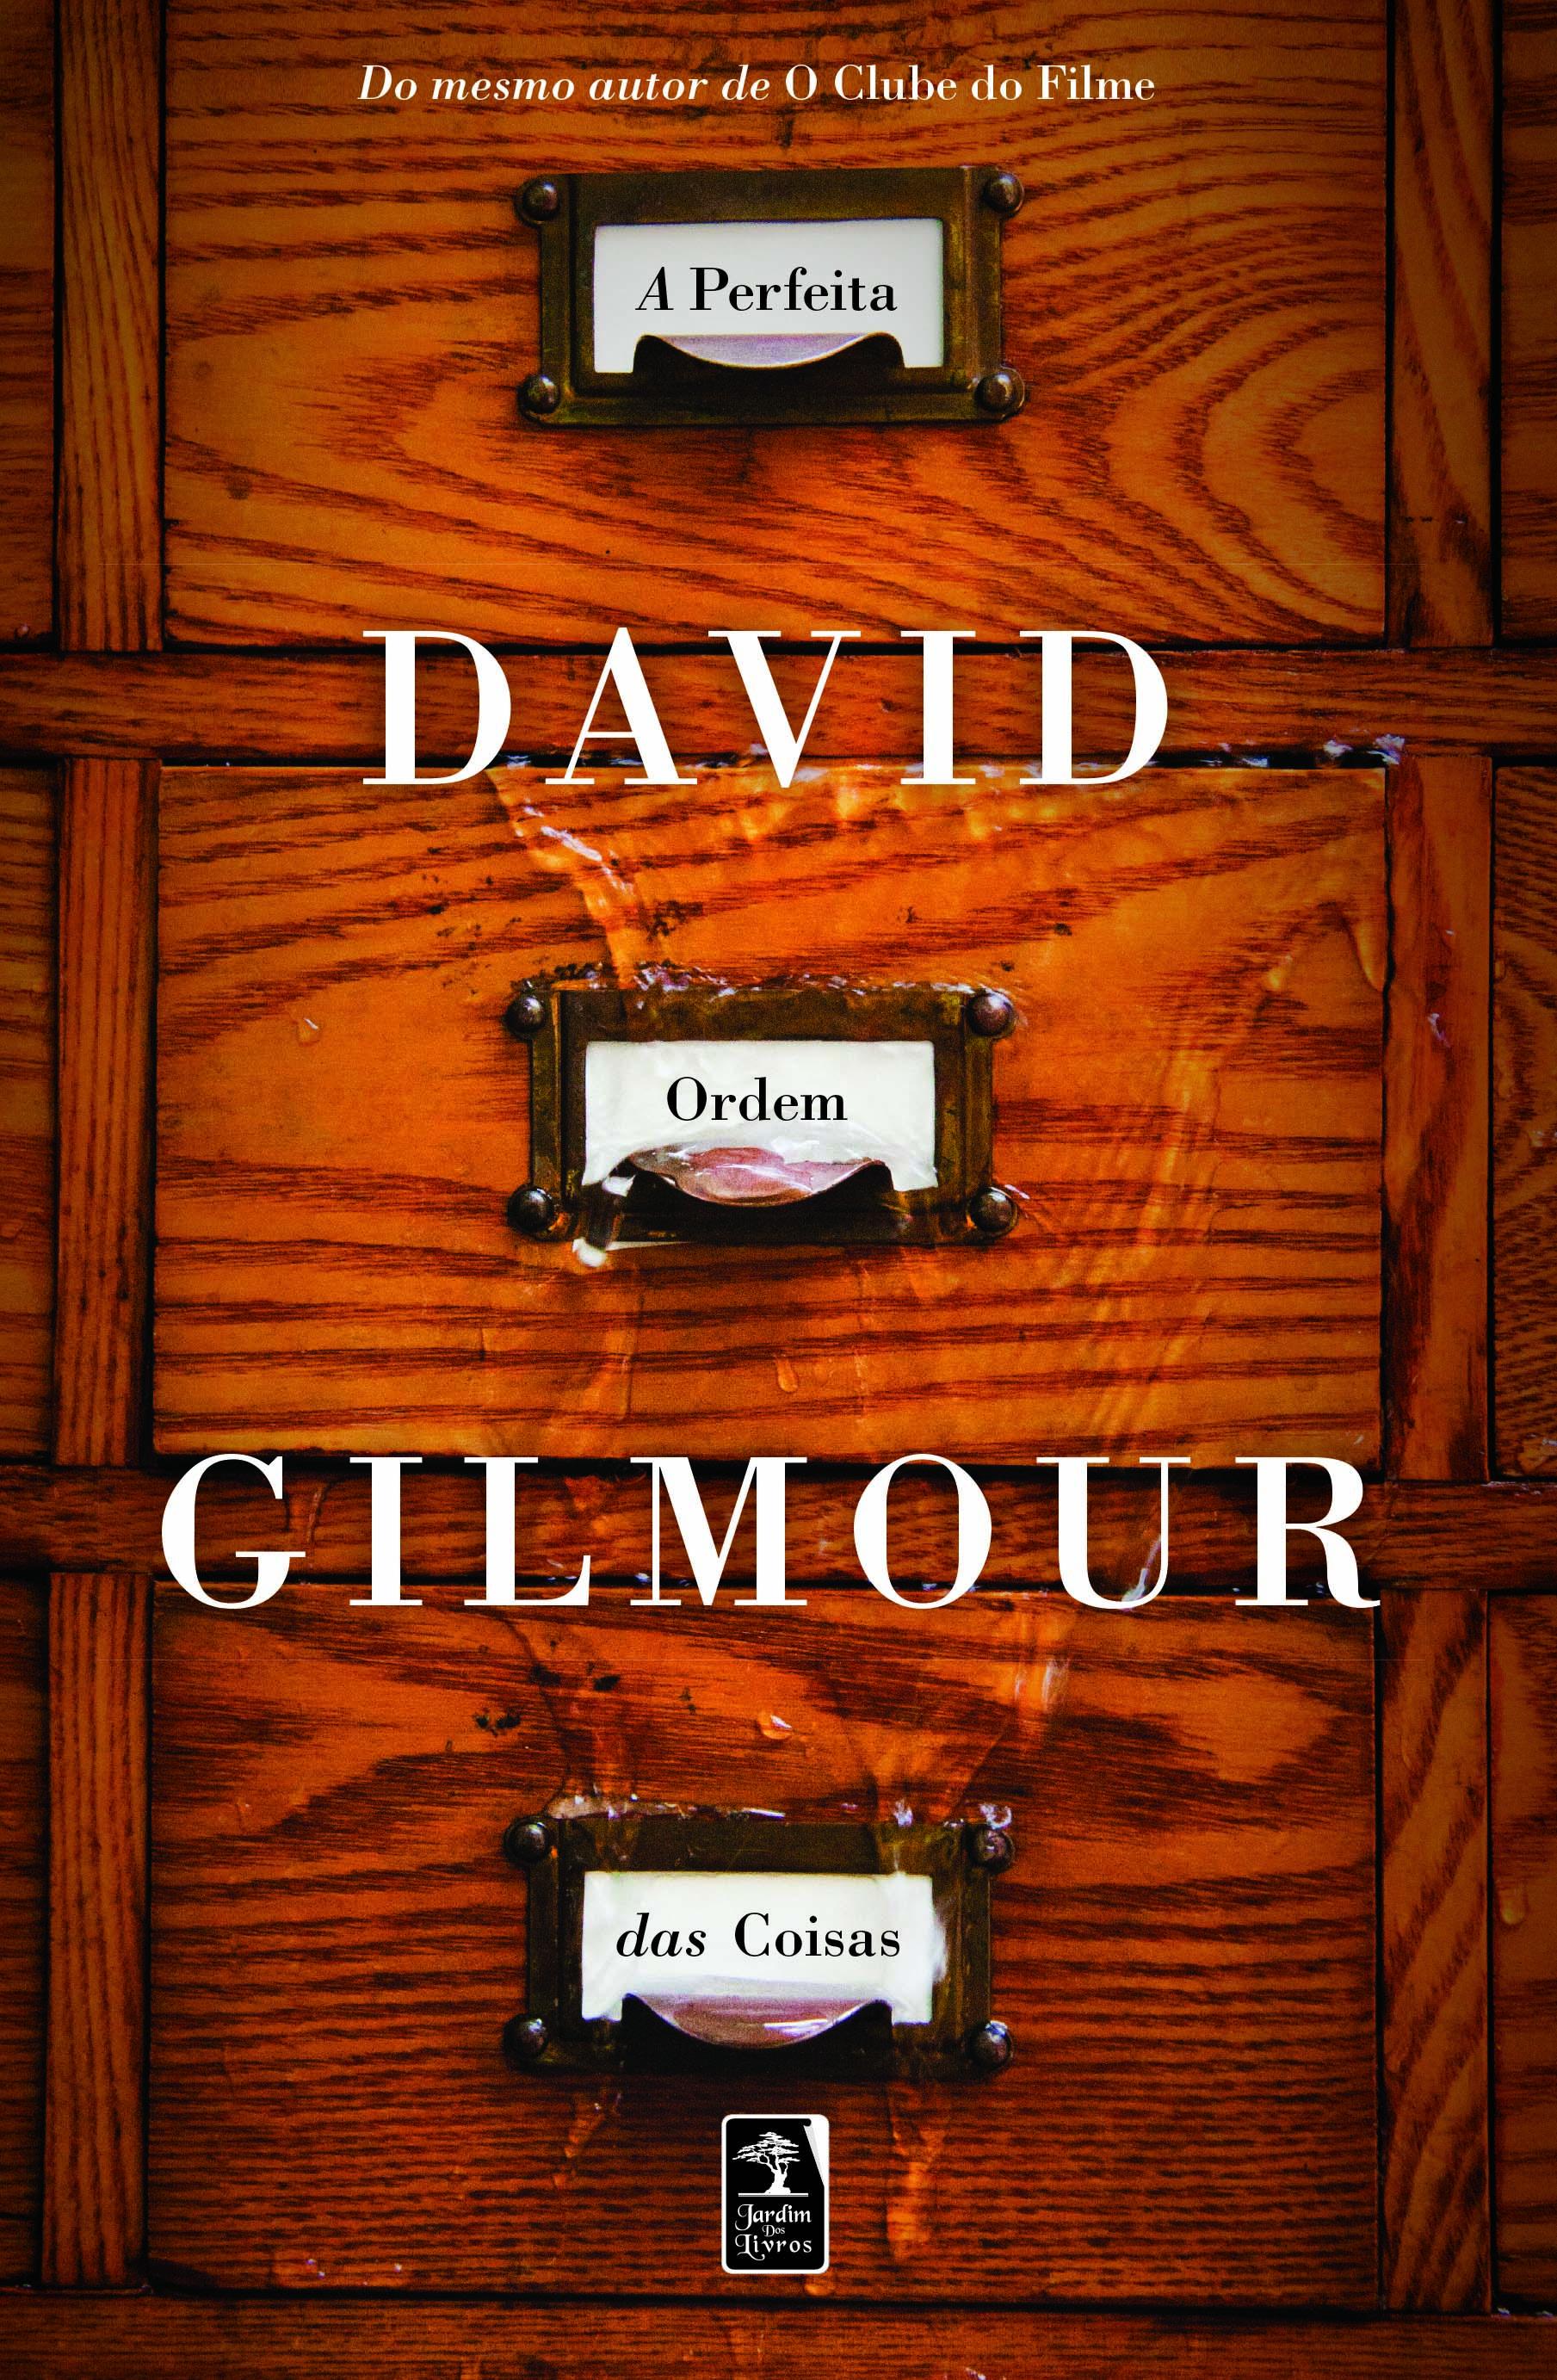 PERFEITA ORDEM DAS COISAS, A, livro de DAVID GILMOUR